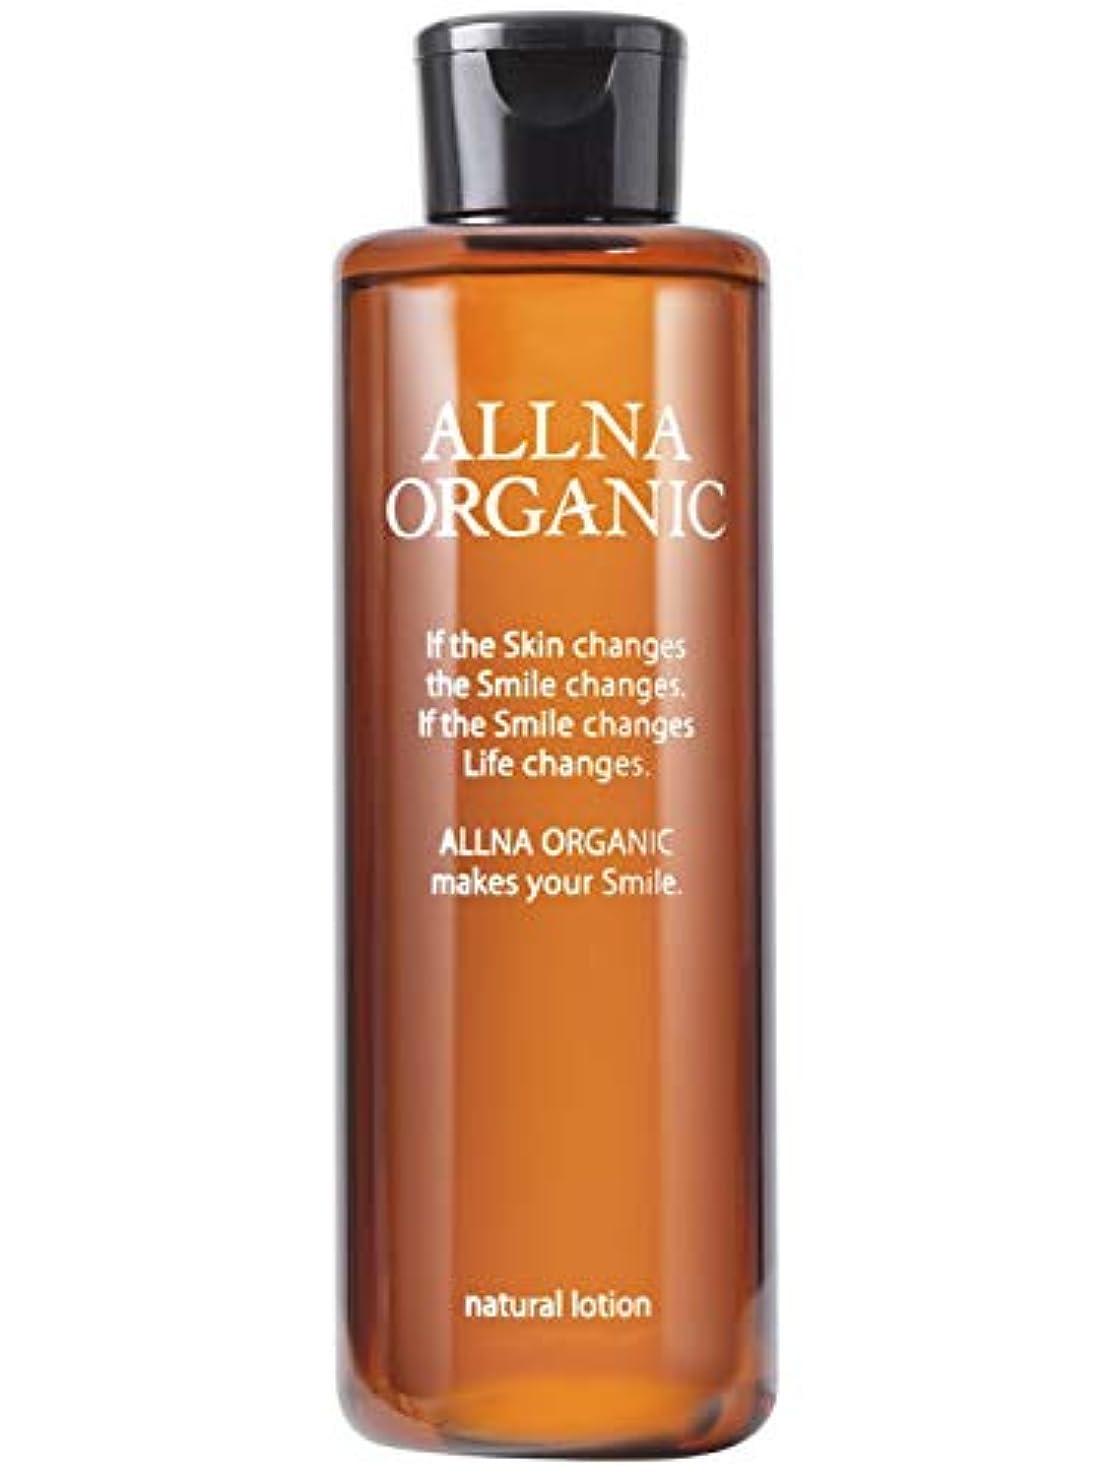 ズボン汚染された舌なオルナ オーガニック 化粧水 「 保湿 乾燥 かさつき 用」「 コラーゲン ビタミンC誘導体 ヒアルロン酸 セラミド 配合」200ml